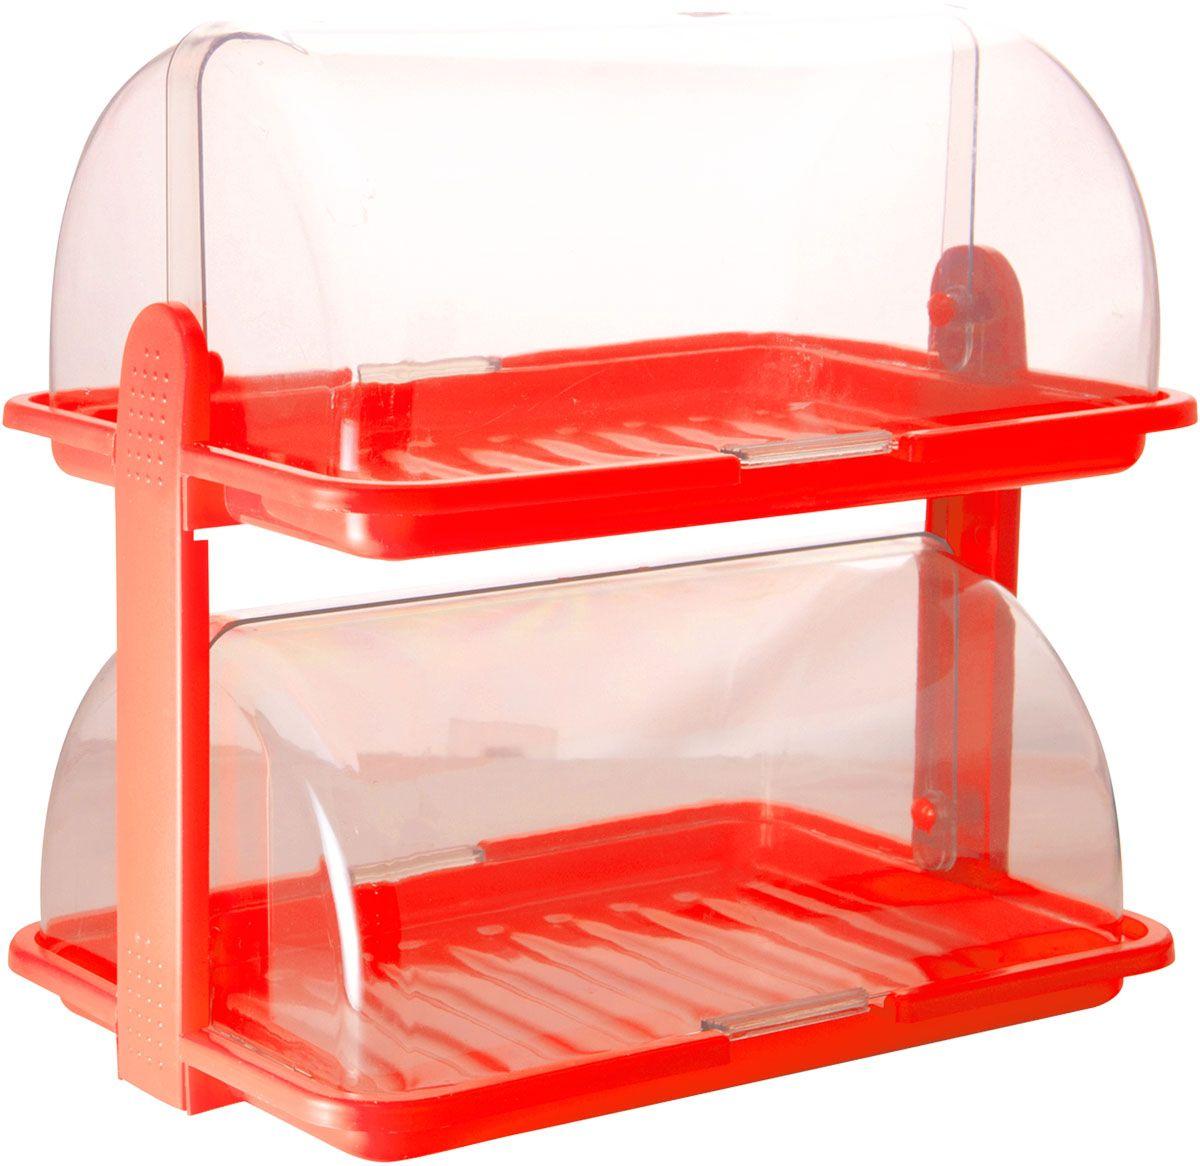 Хлебница Plastic Centre, 2-ярусная, цвет: красный, прозрачный, 38,5 х 26 х 37 смПЦ1671КРУникальная двухъярусная хлебница Plastic Centre для любителей выпечки и свежего хлеба. Хлебница выполнена из полипропилена. Она сохранит хлеб свежим длительное время. Благодаря двум раздельным секциям можно хранить сладкую выпечку и хлеб в разных отделениях.